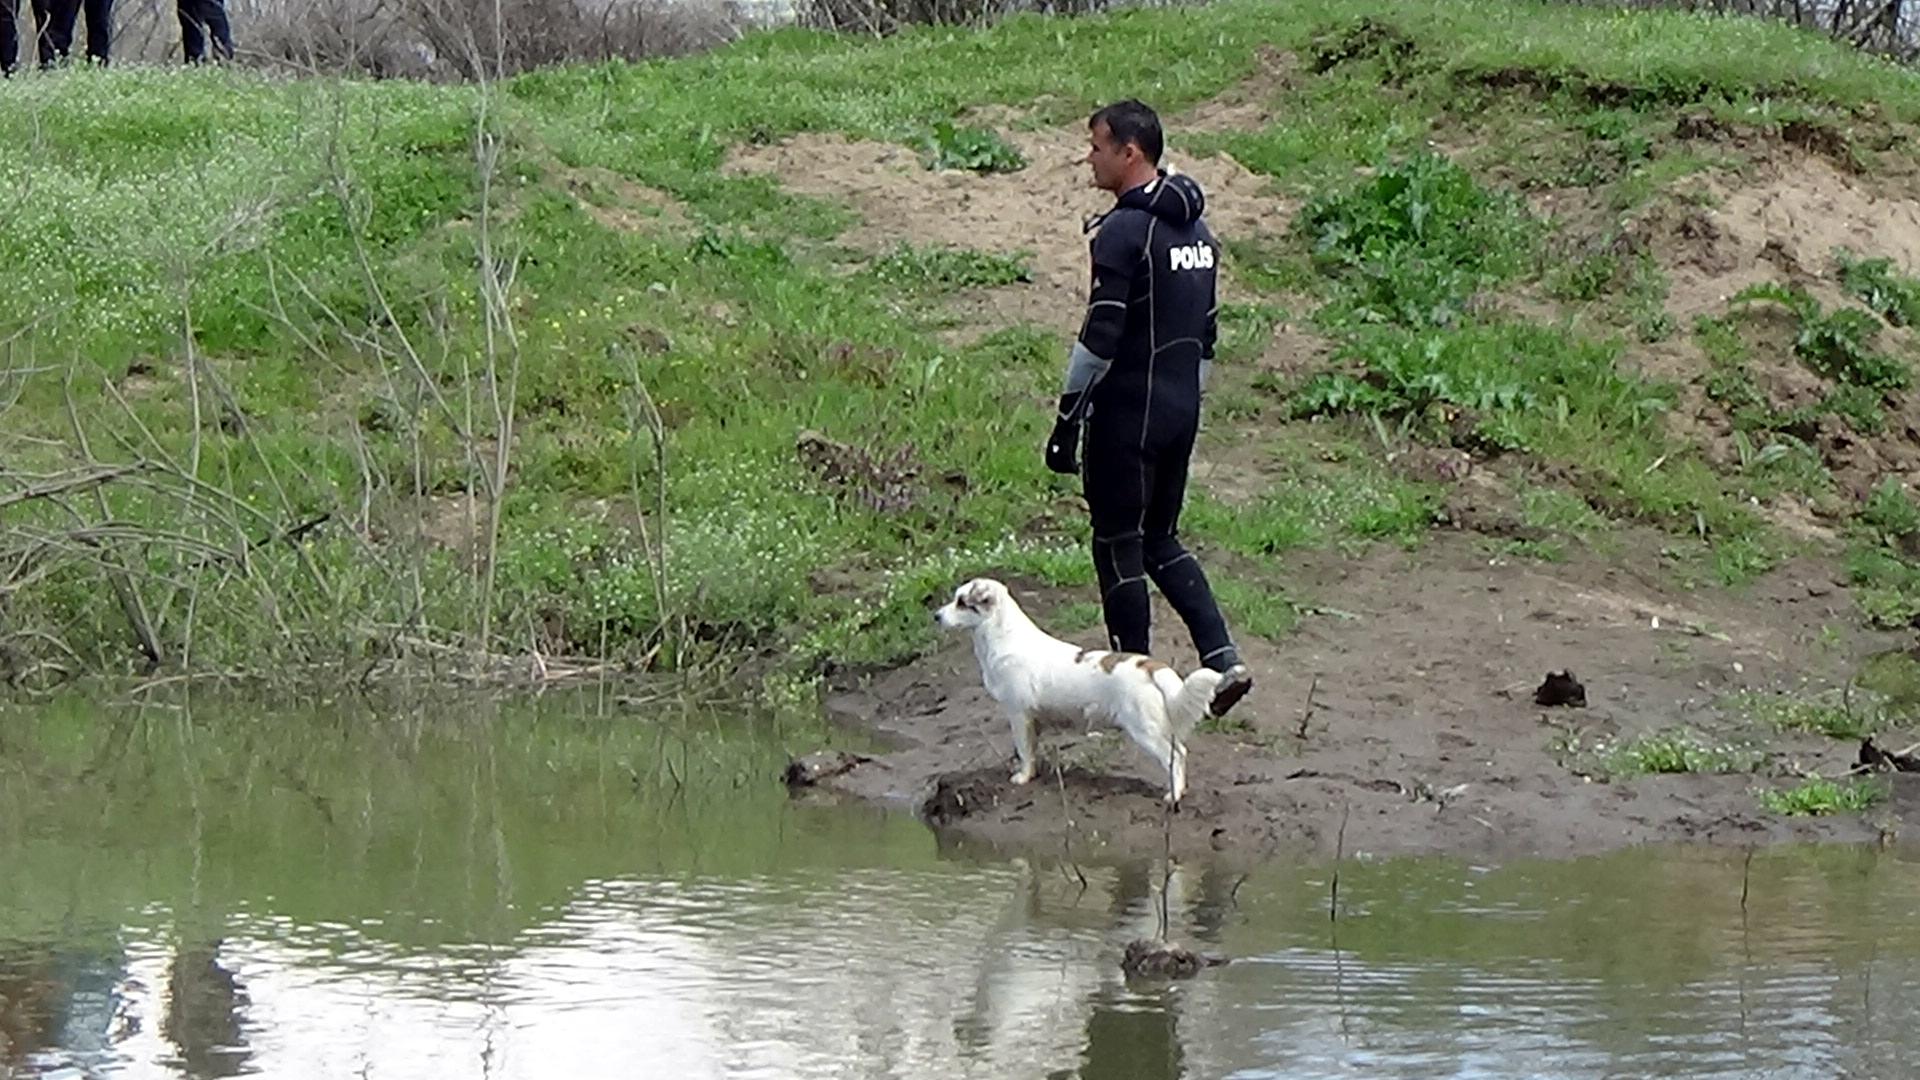 nehirde-aranan-yasli-adamin-besledigi-kopek-bir-an-olsun-bolgeden-ayrilmadi-1776-dhaphoto6.jpg